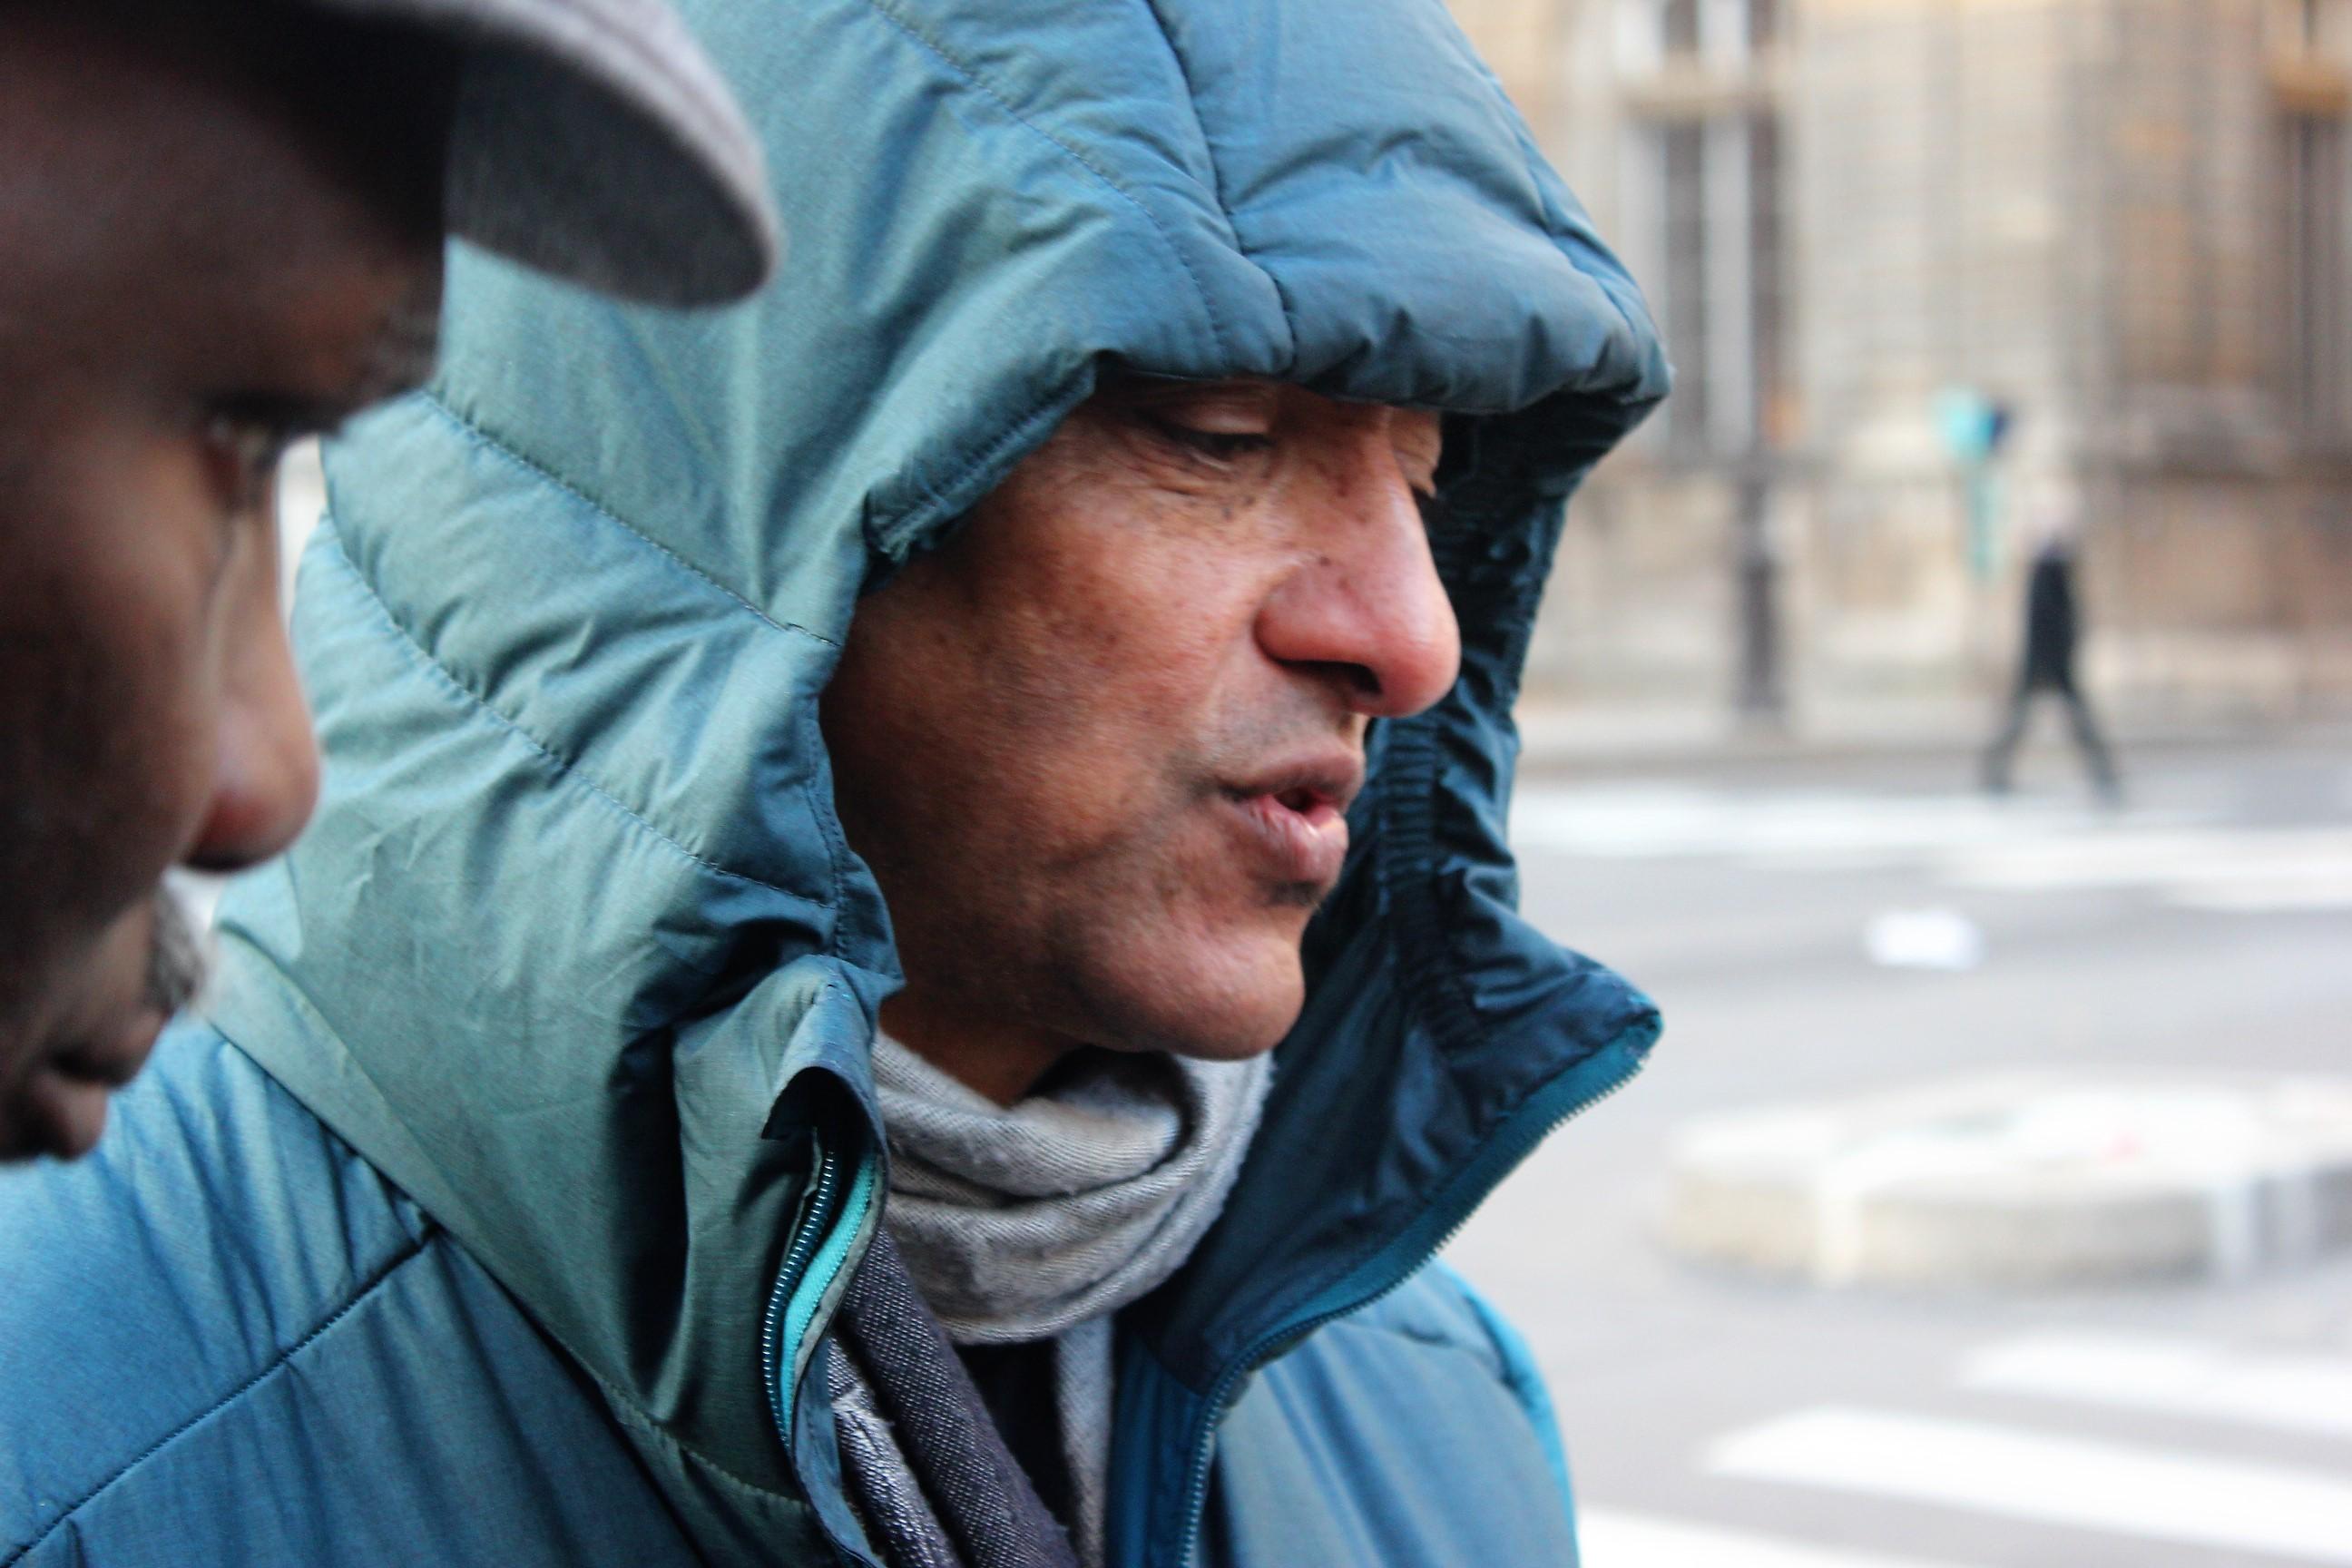 Malgré le froid qui s'est abattu sur la capitale, Serge Romana n'abandonnera pas ©Outremers360